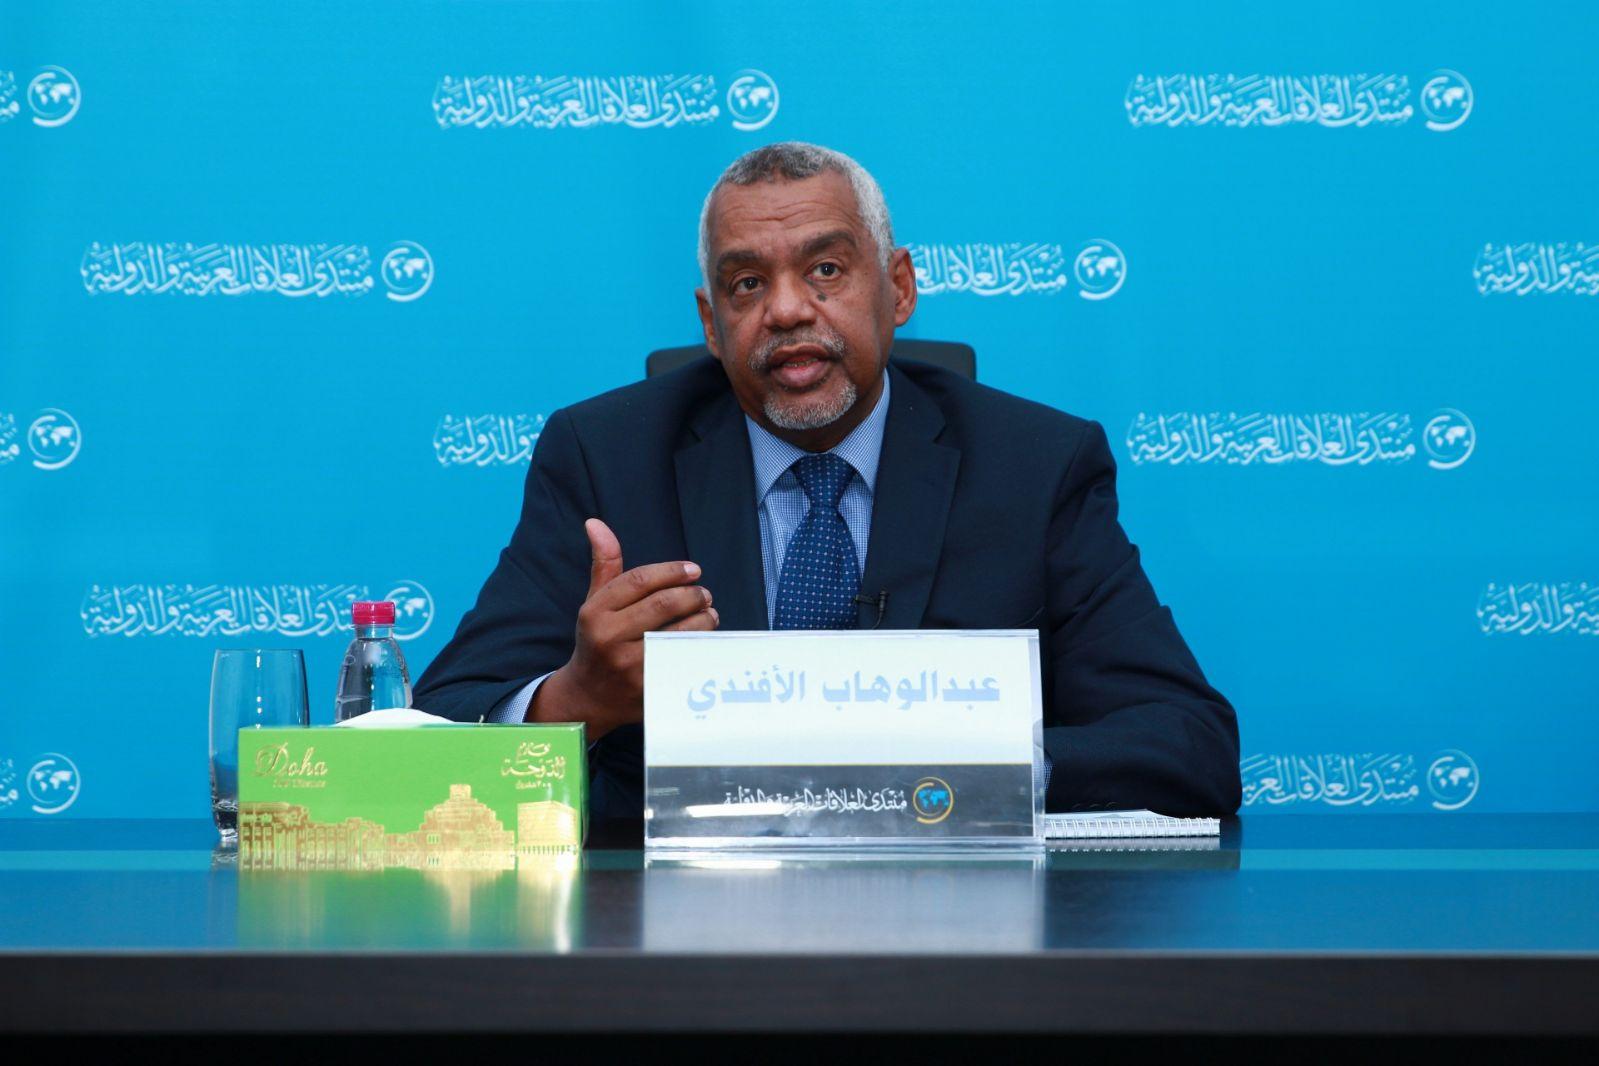 محاضرة: التجربة الإسلامية في الدولة المدنية (السودان، تونس، تركيا)